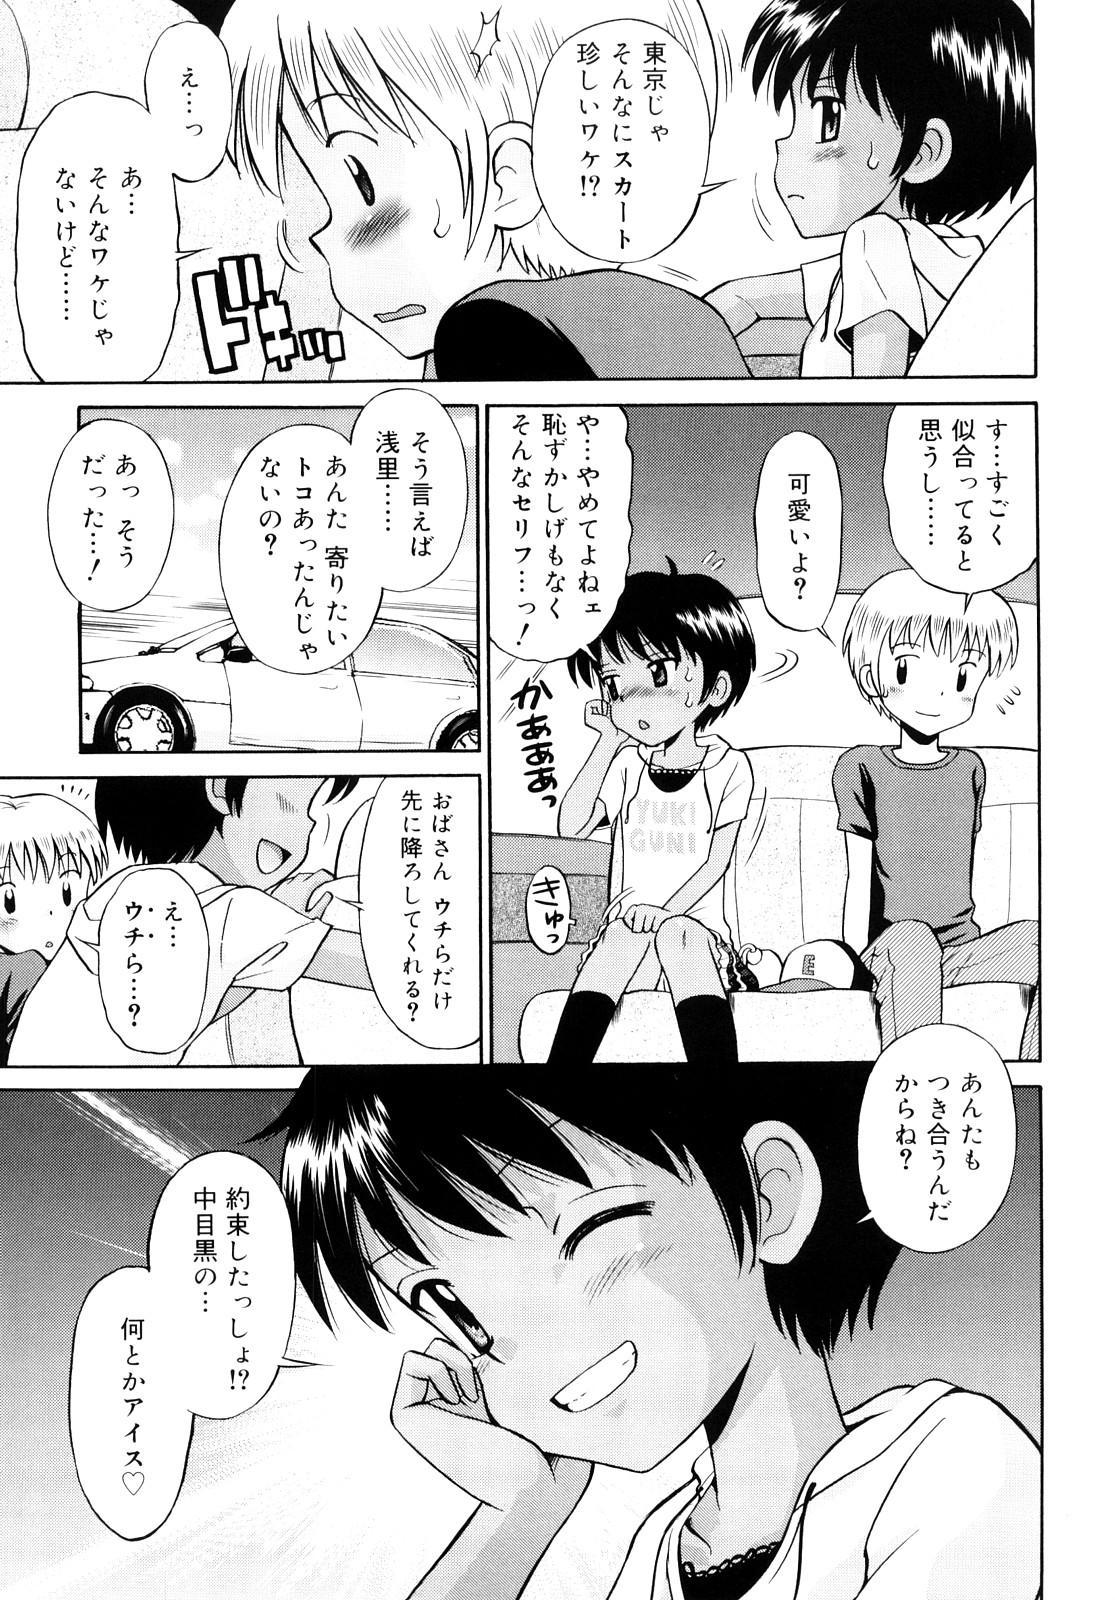 Komugiiro Rhapsody 27